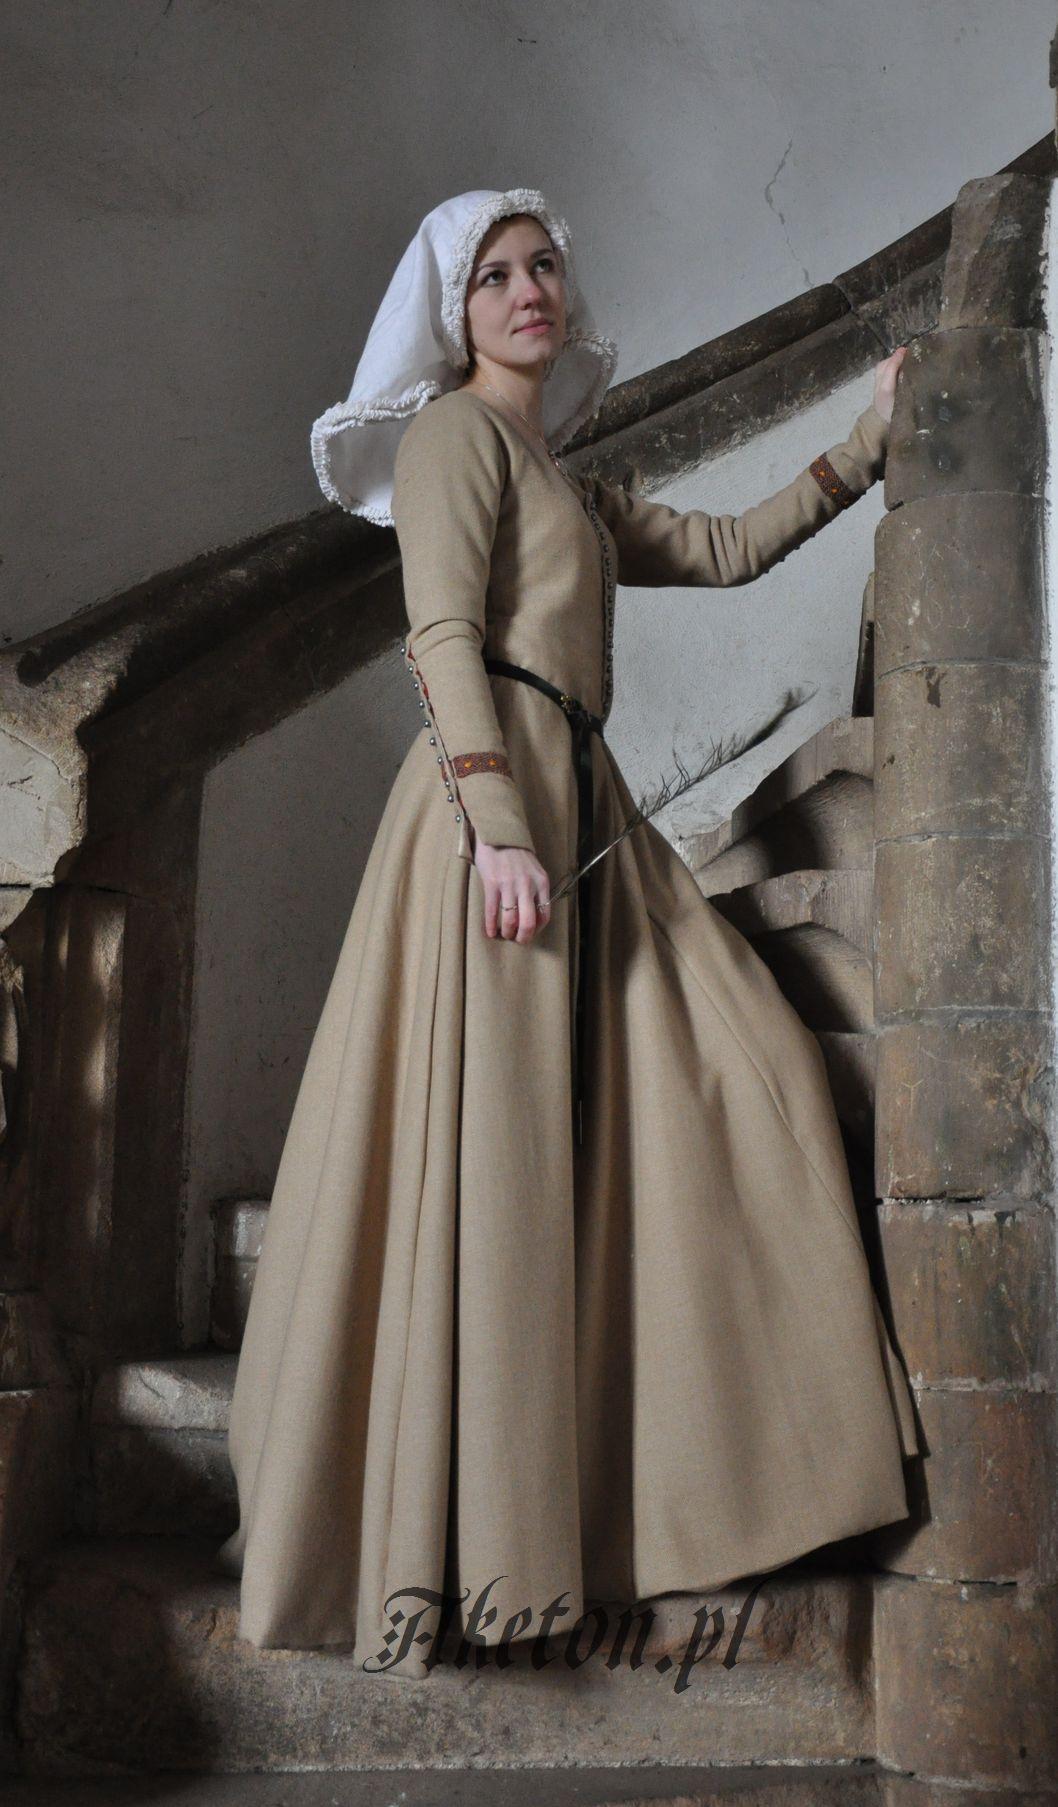 9ace249edf Suknia `mieszczańska` model 2 - AKETON